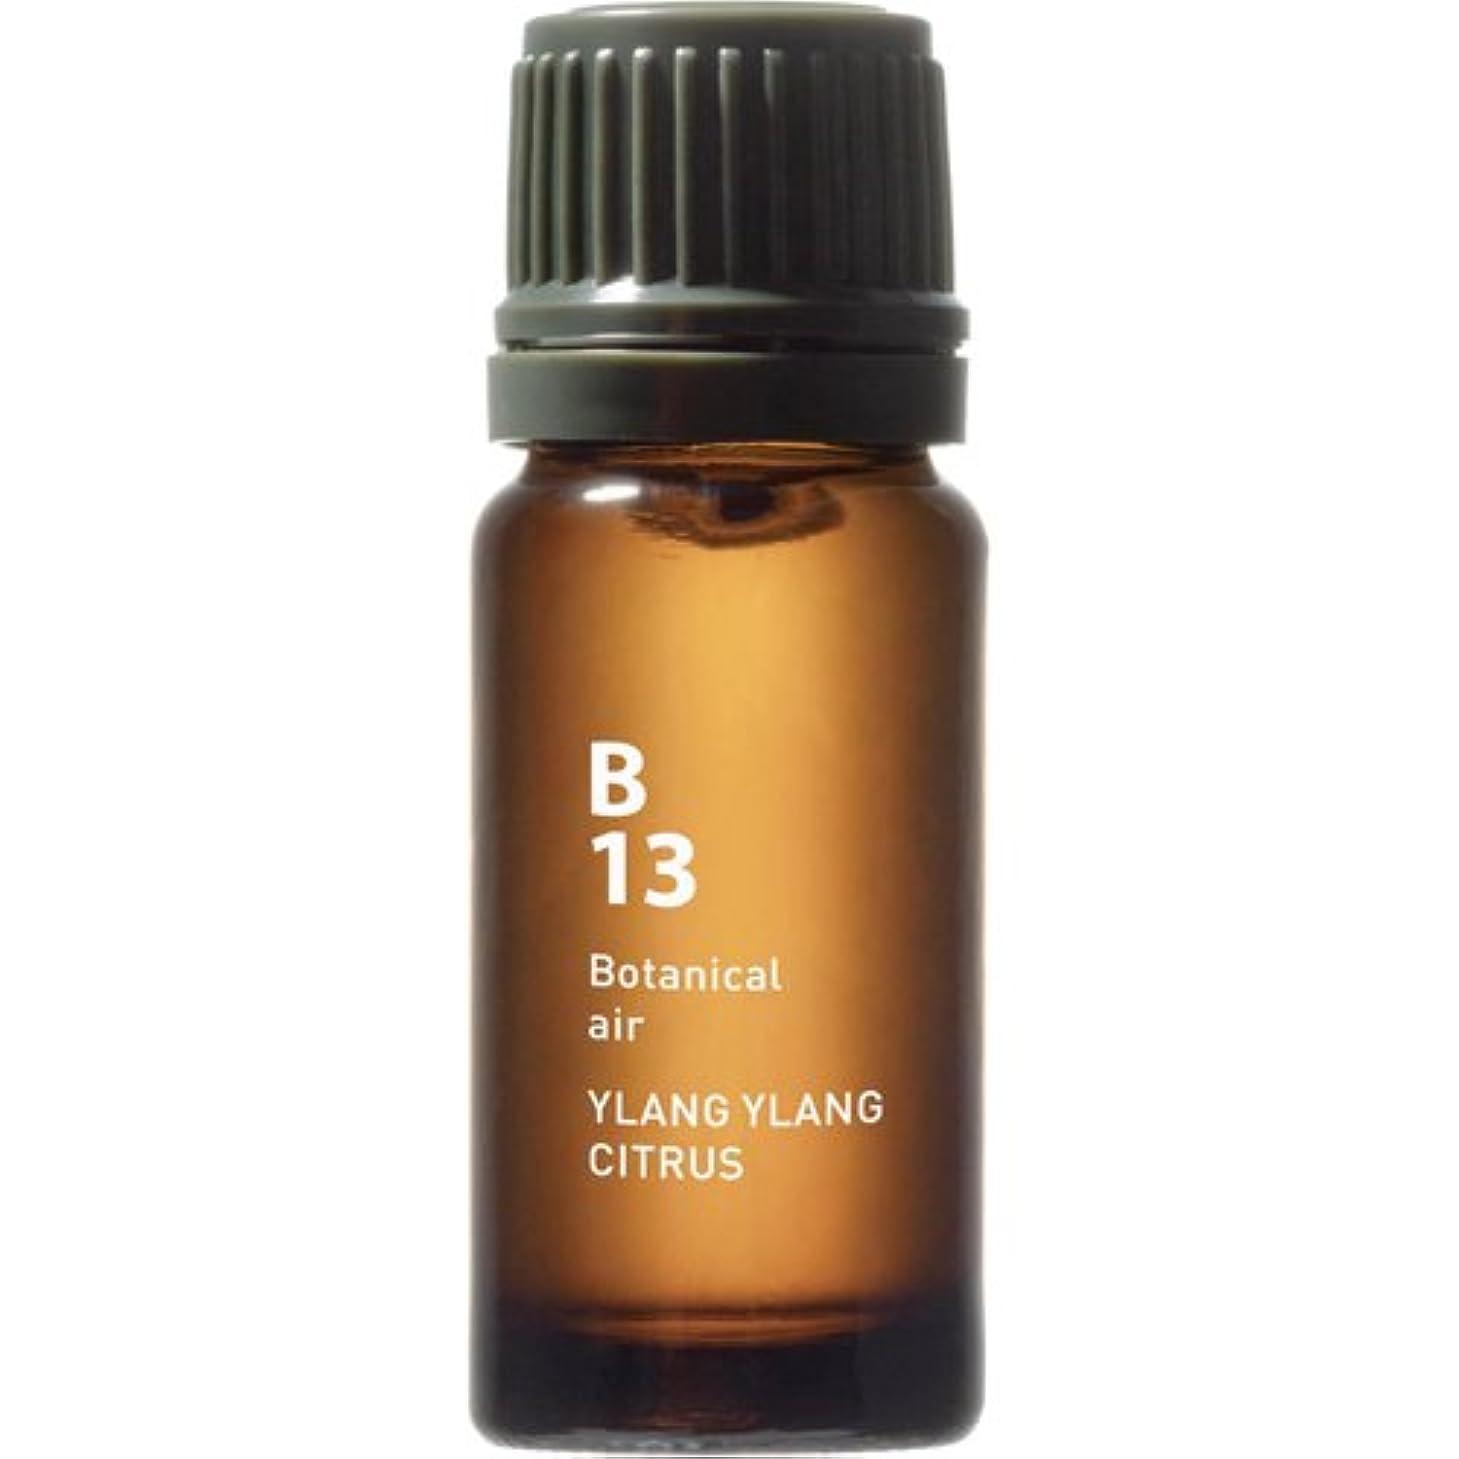 パーセント写真を描く重々しいB13 イランイランシトラス Botanical air(ボタニカルエアー) 10ml